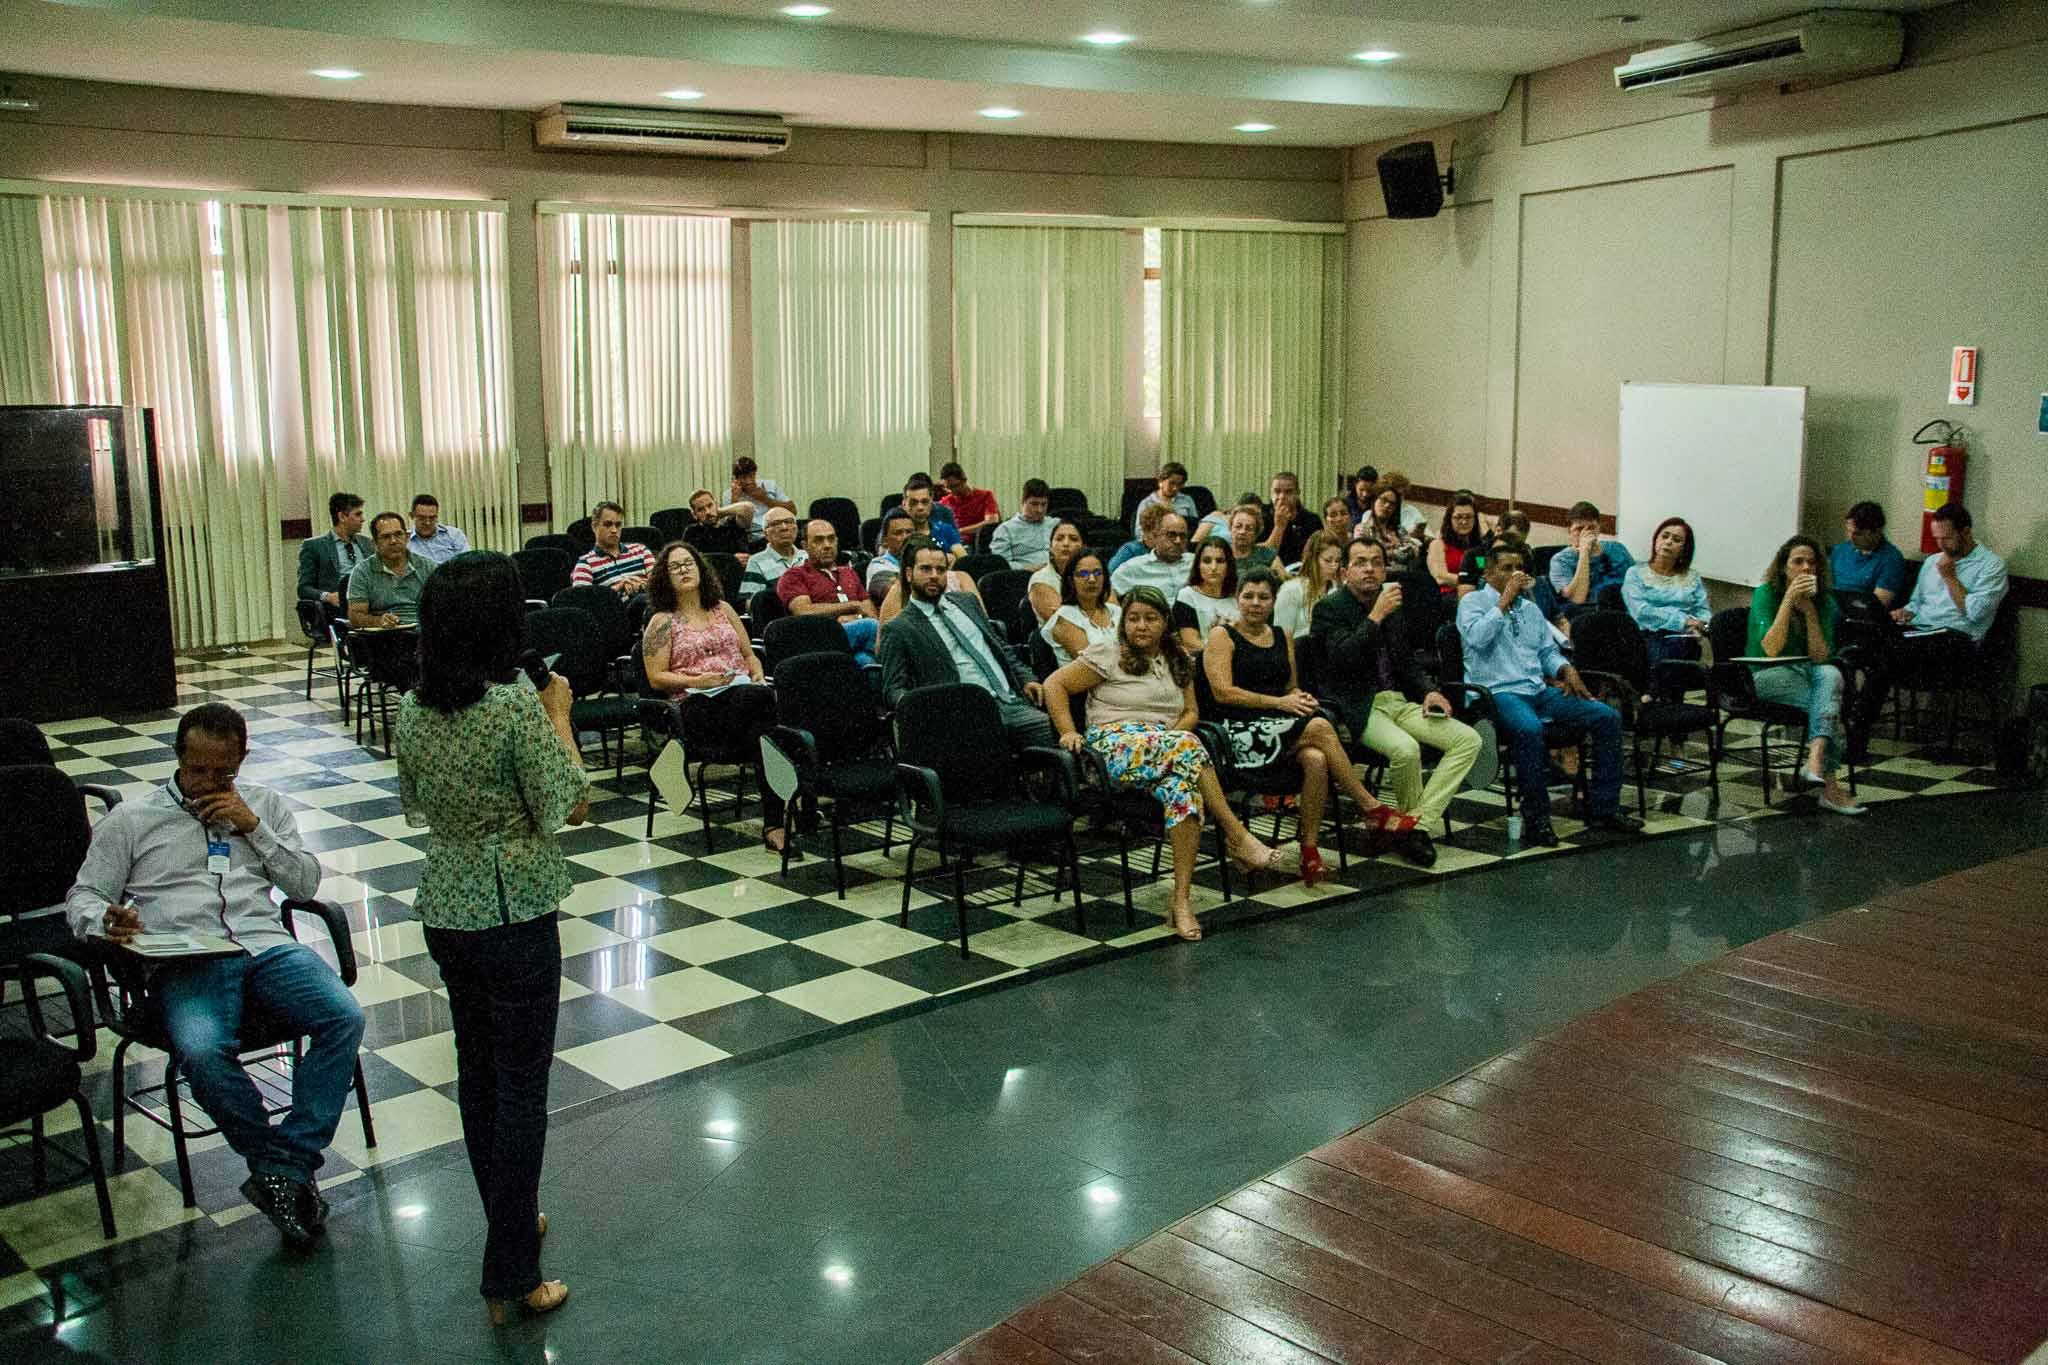 Equipe diretiva, diretores, coordenadores, professores e técnicos-administrativos lotaram o auditório para participar do encontro de planejamento que marca o inicio do ano letivo